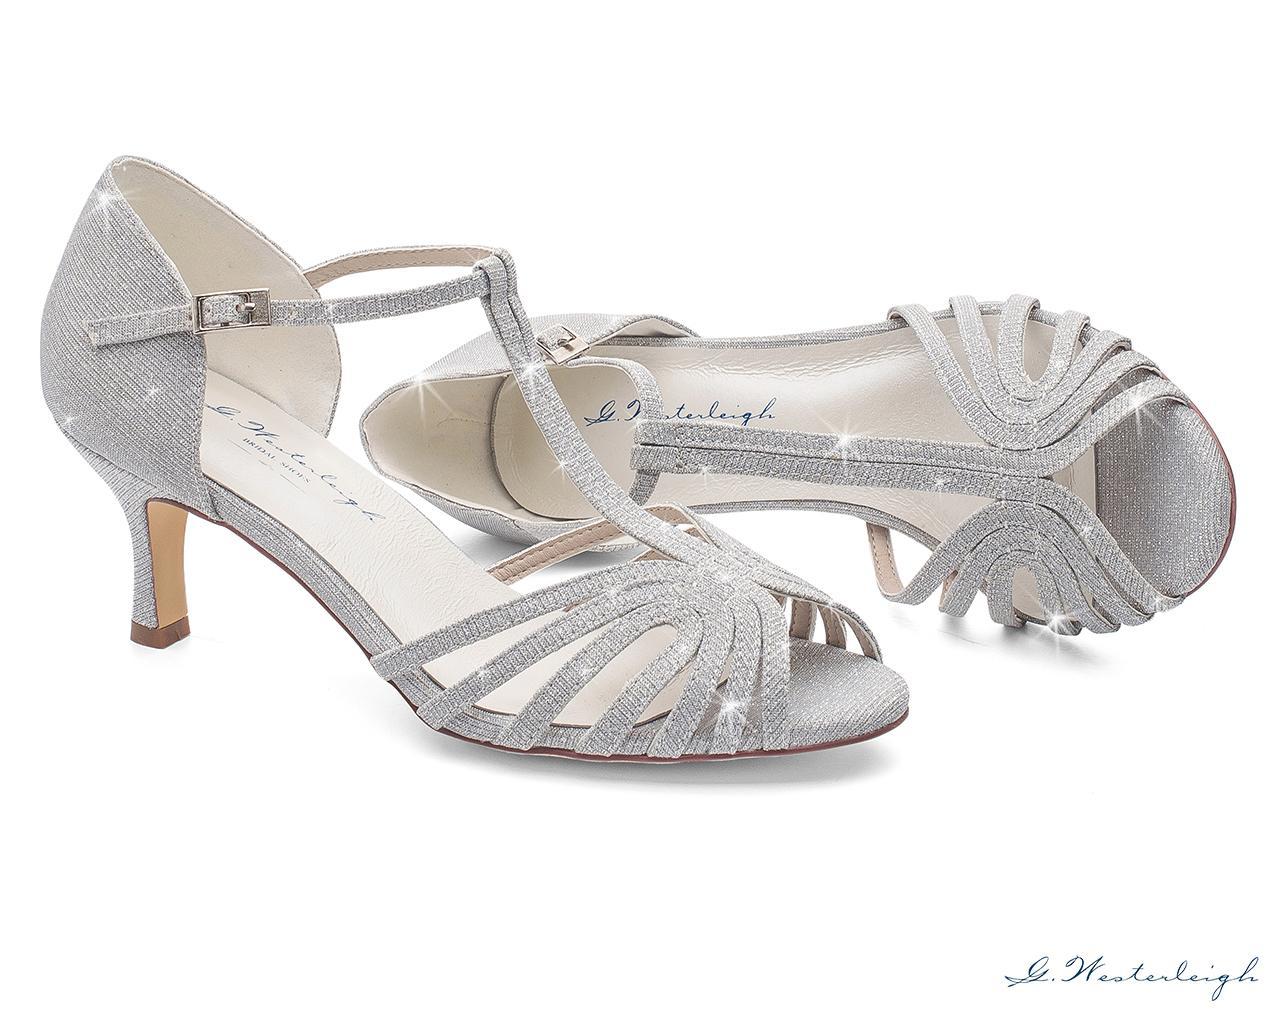 Spoločenské topánky Isabelle - Obrázok č. 2